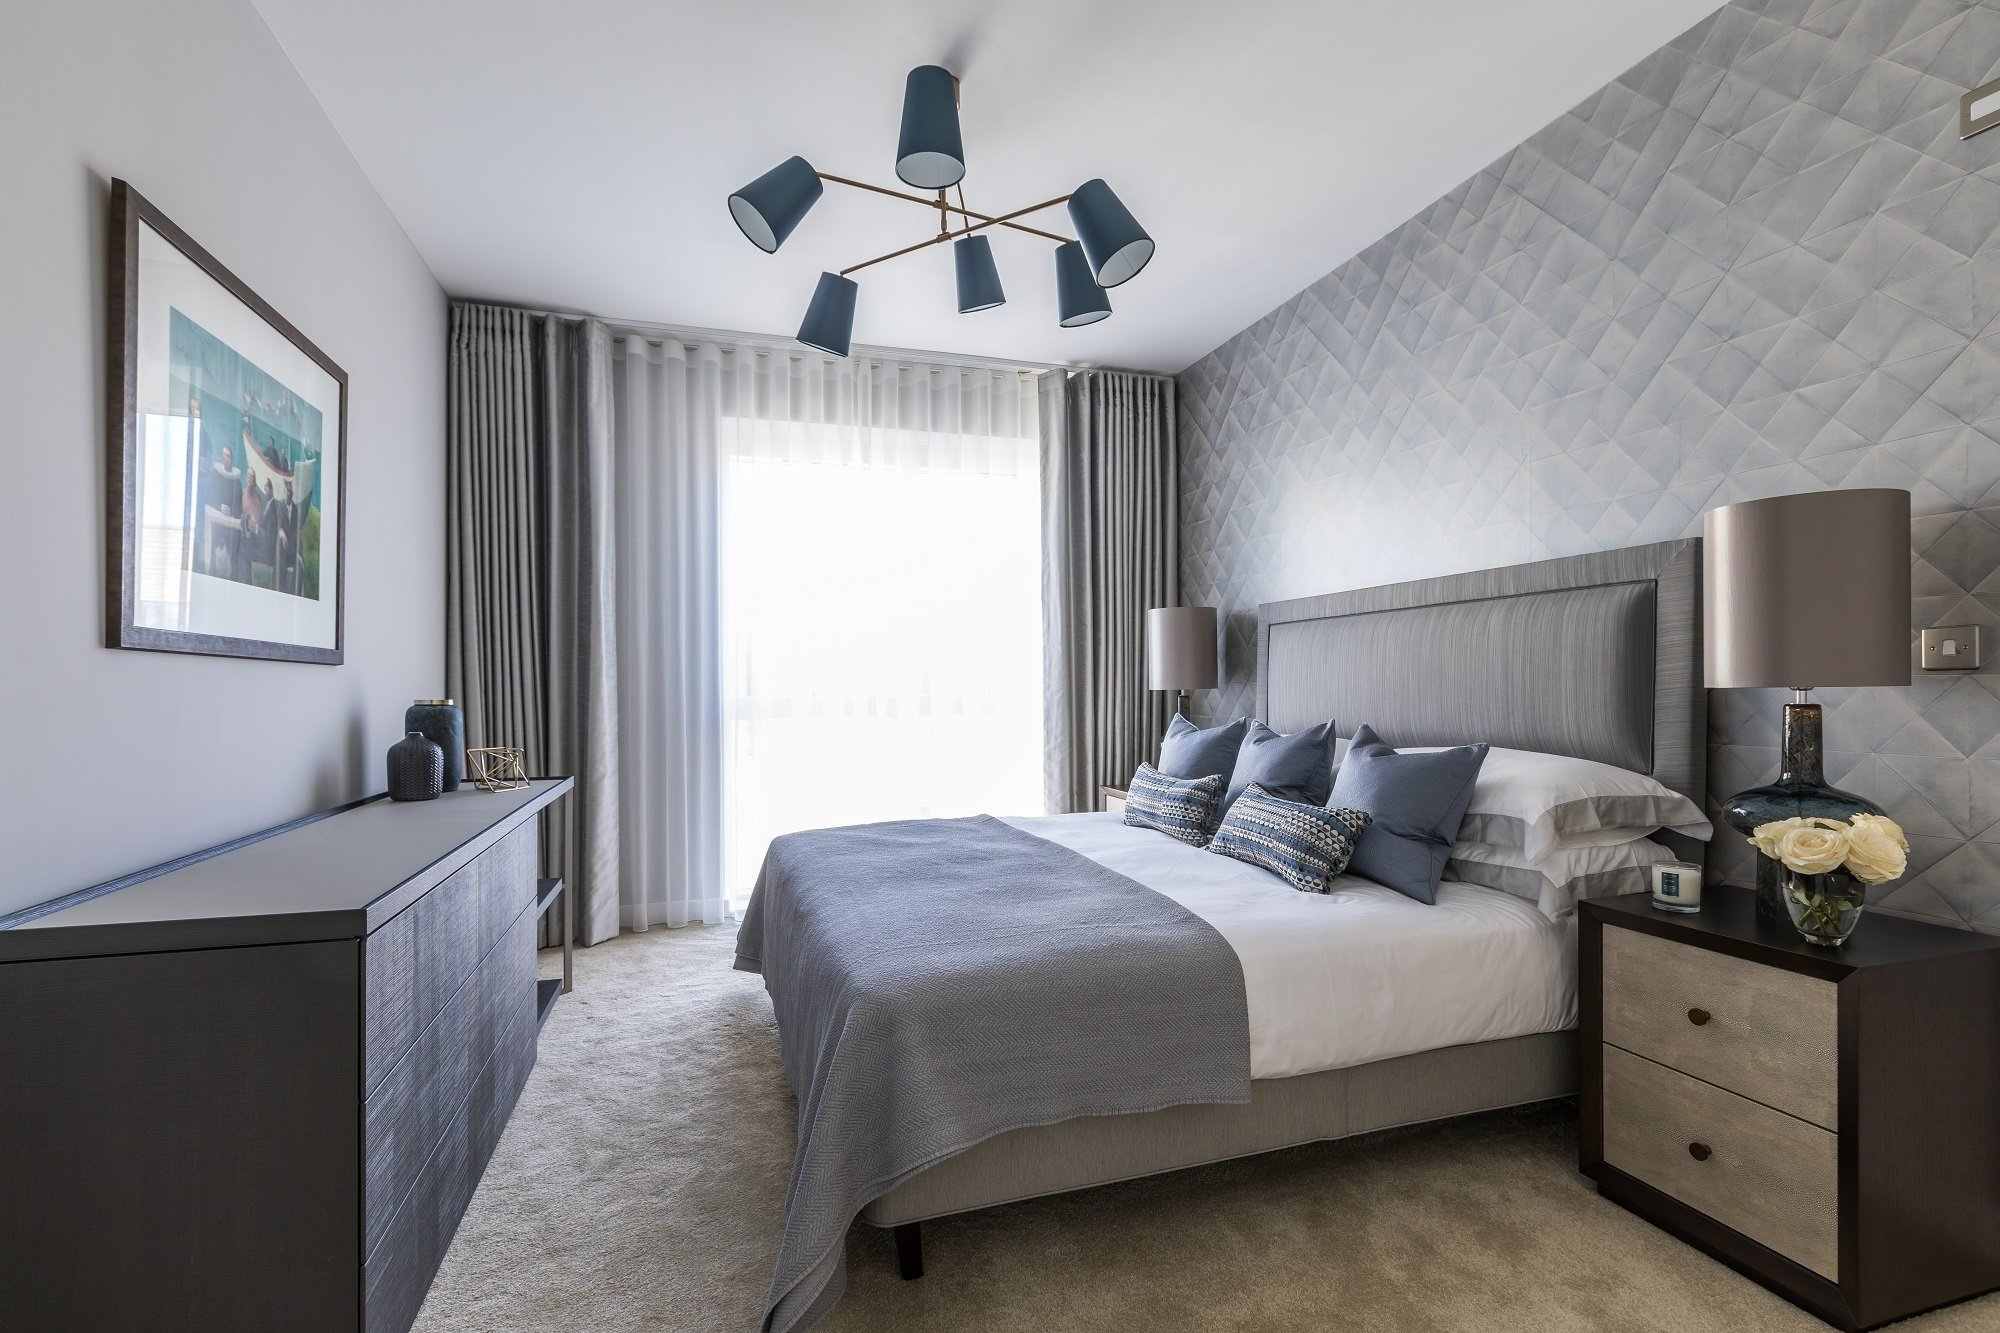 Grau ist leicht zu kombinieren und sieht sehr stilvoll für das Deko Schlafzimmer